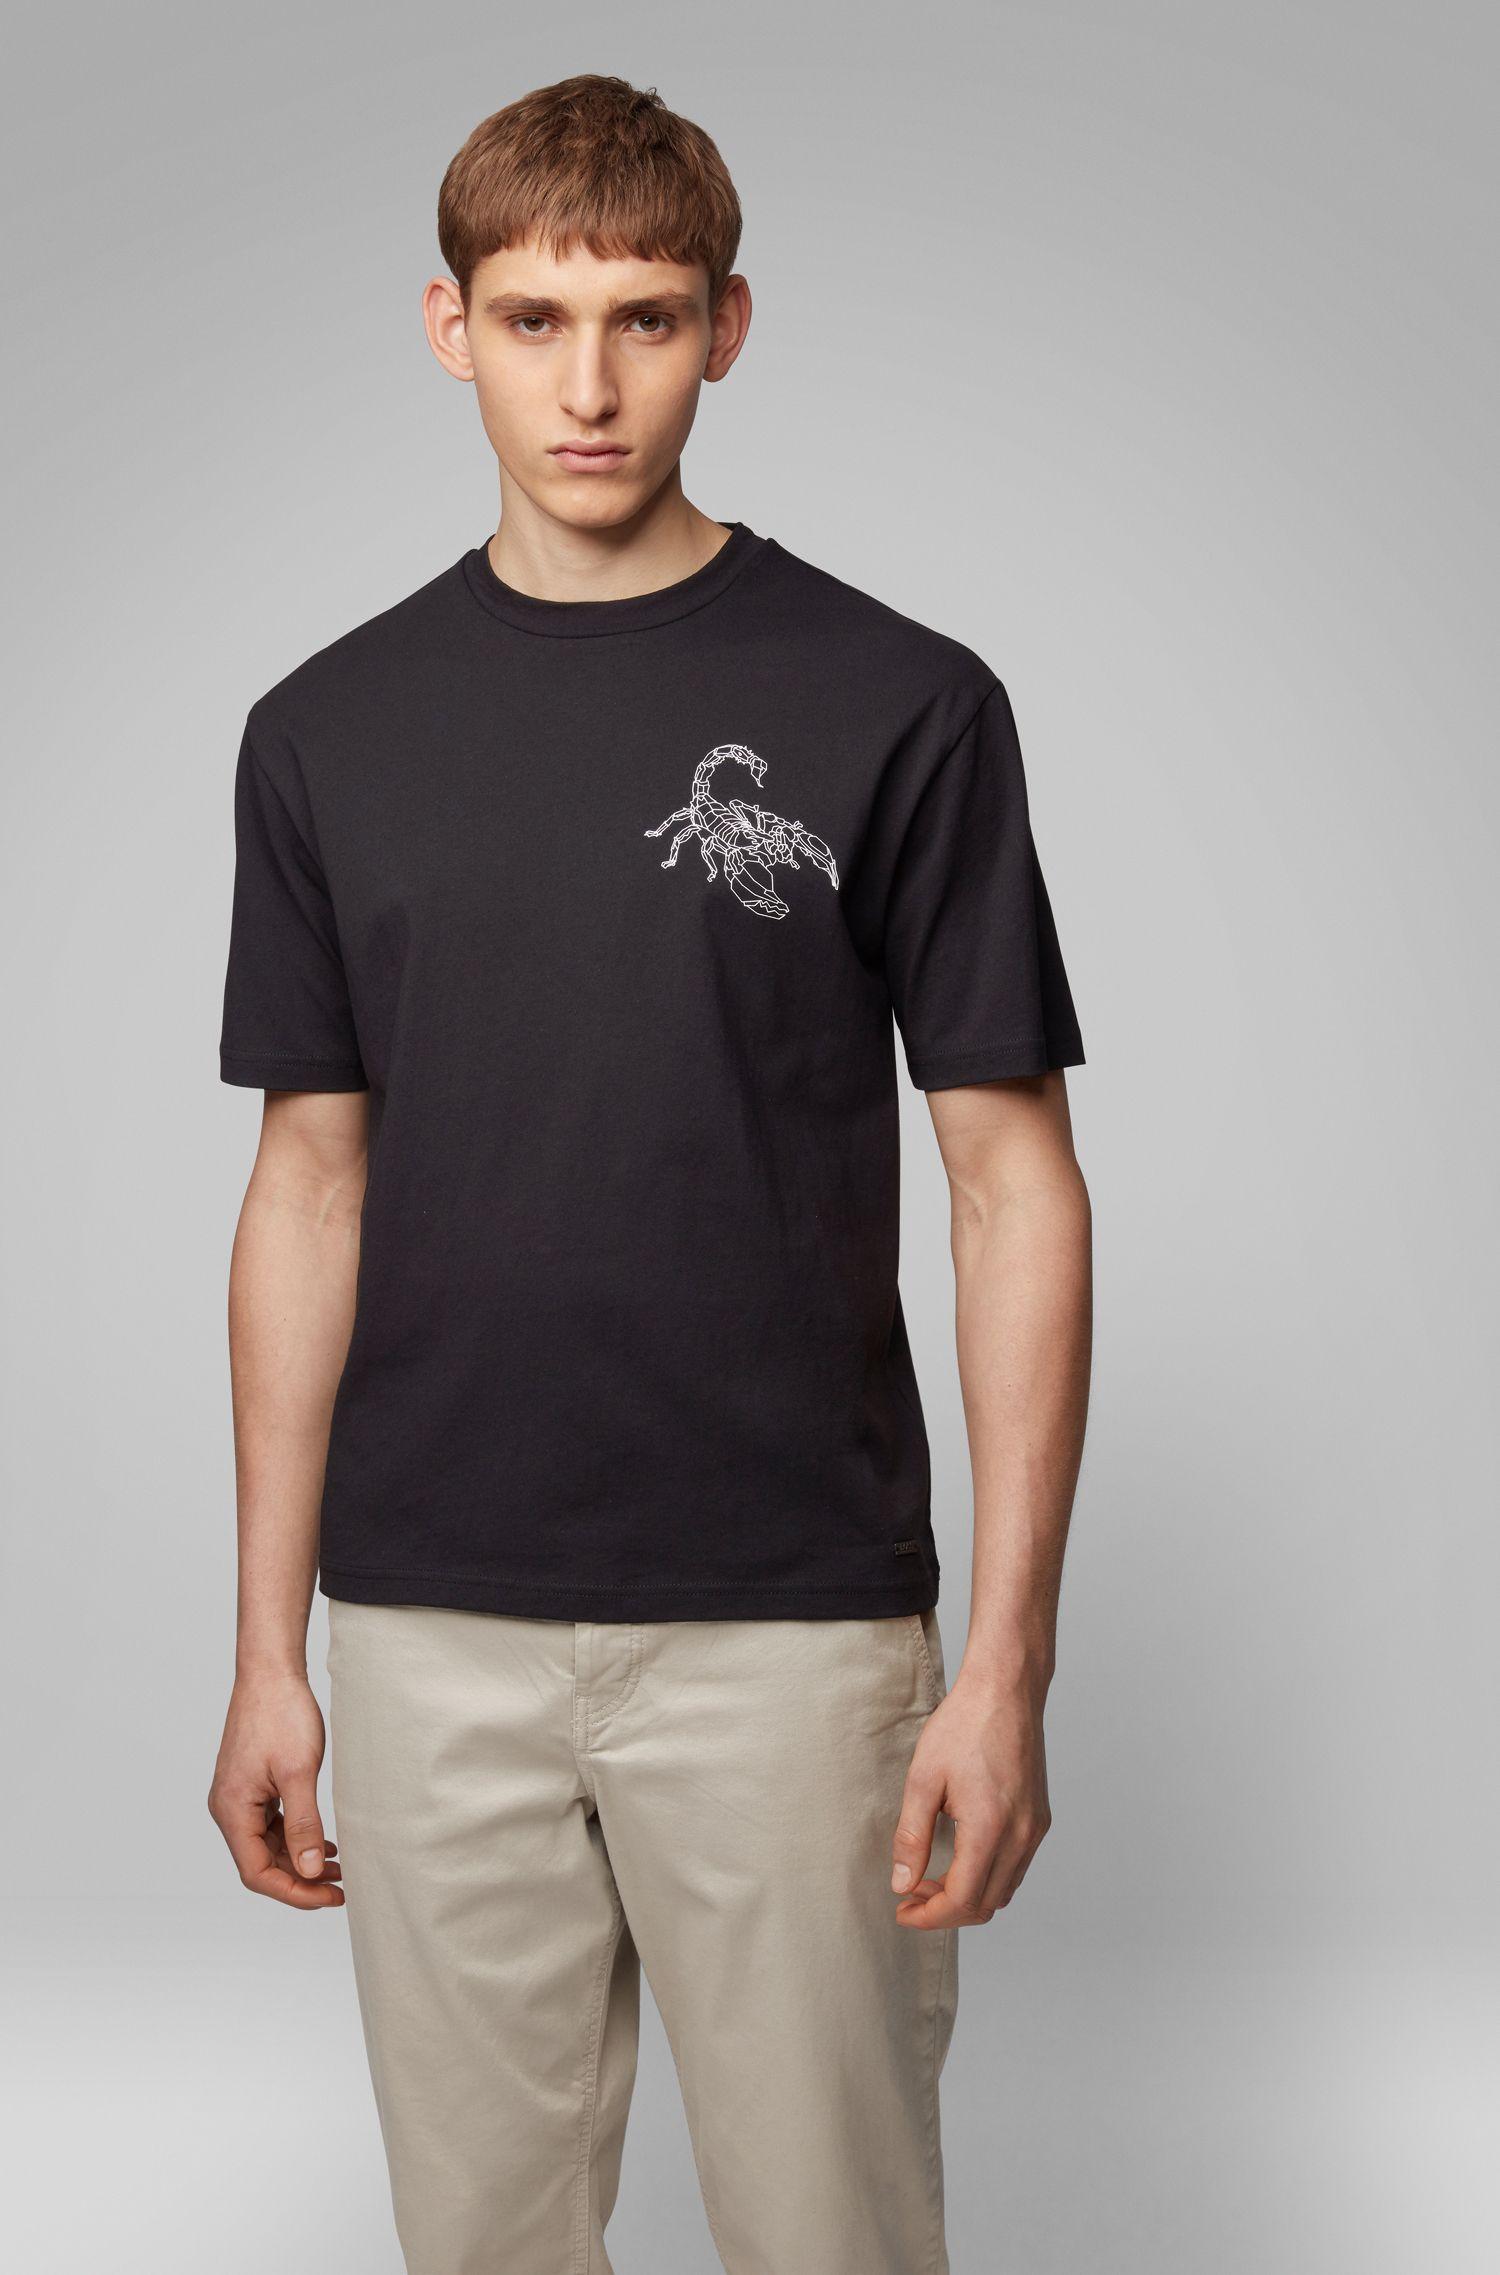 T-shirt Relaxed Fit à imprimé scorpion haute densité, Noir